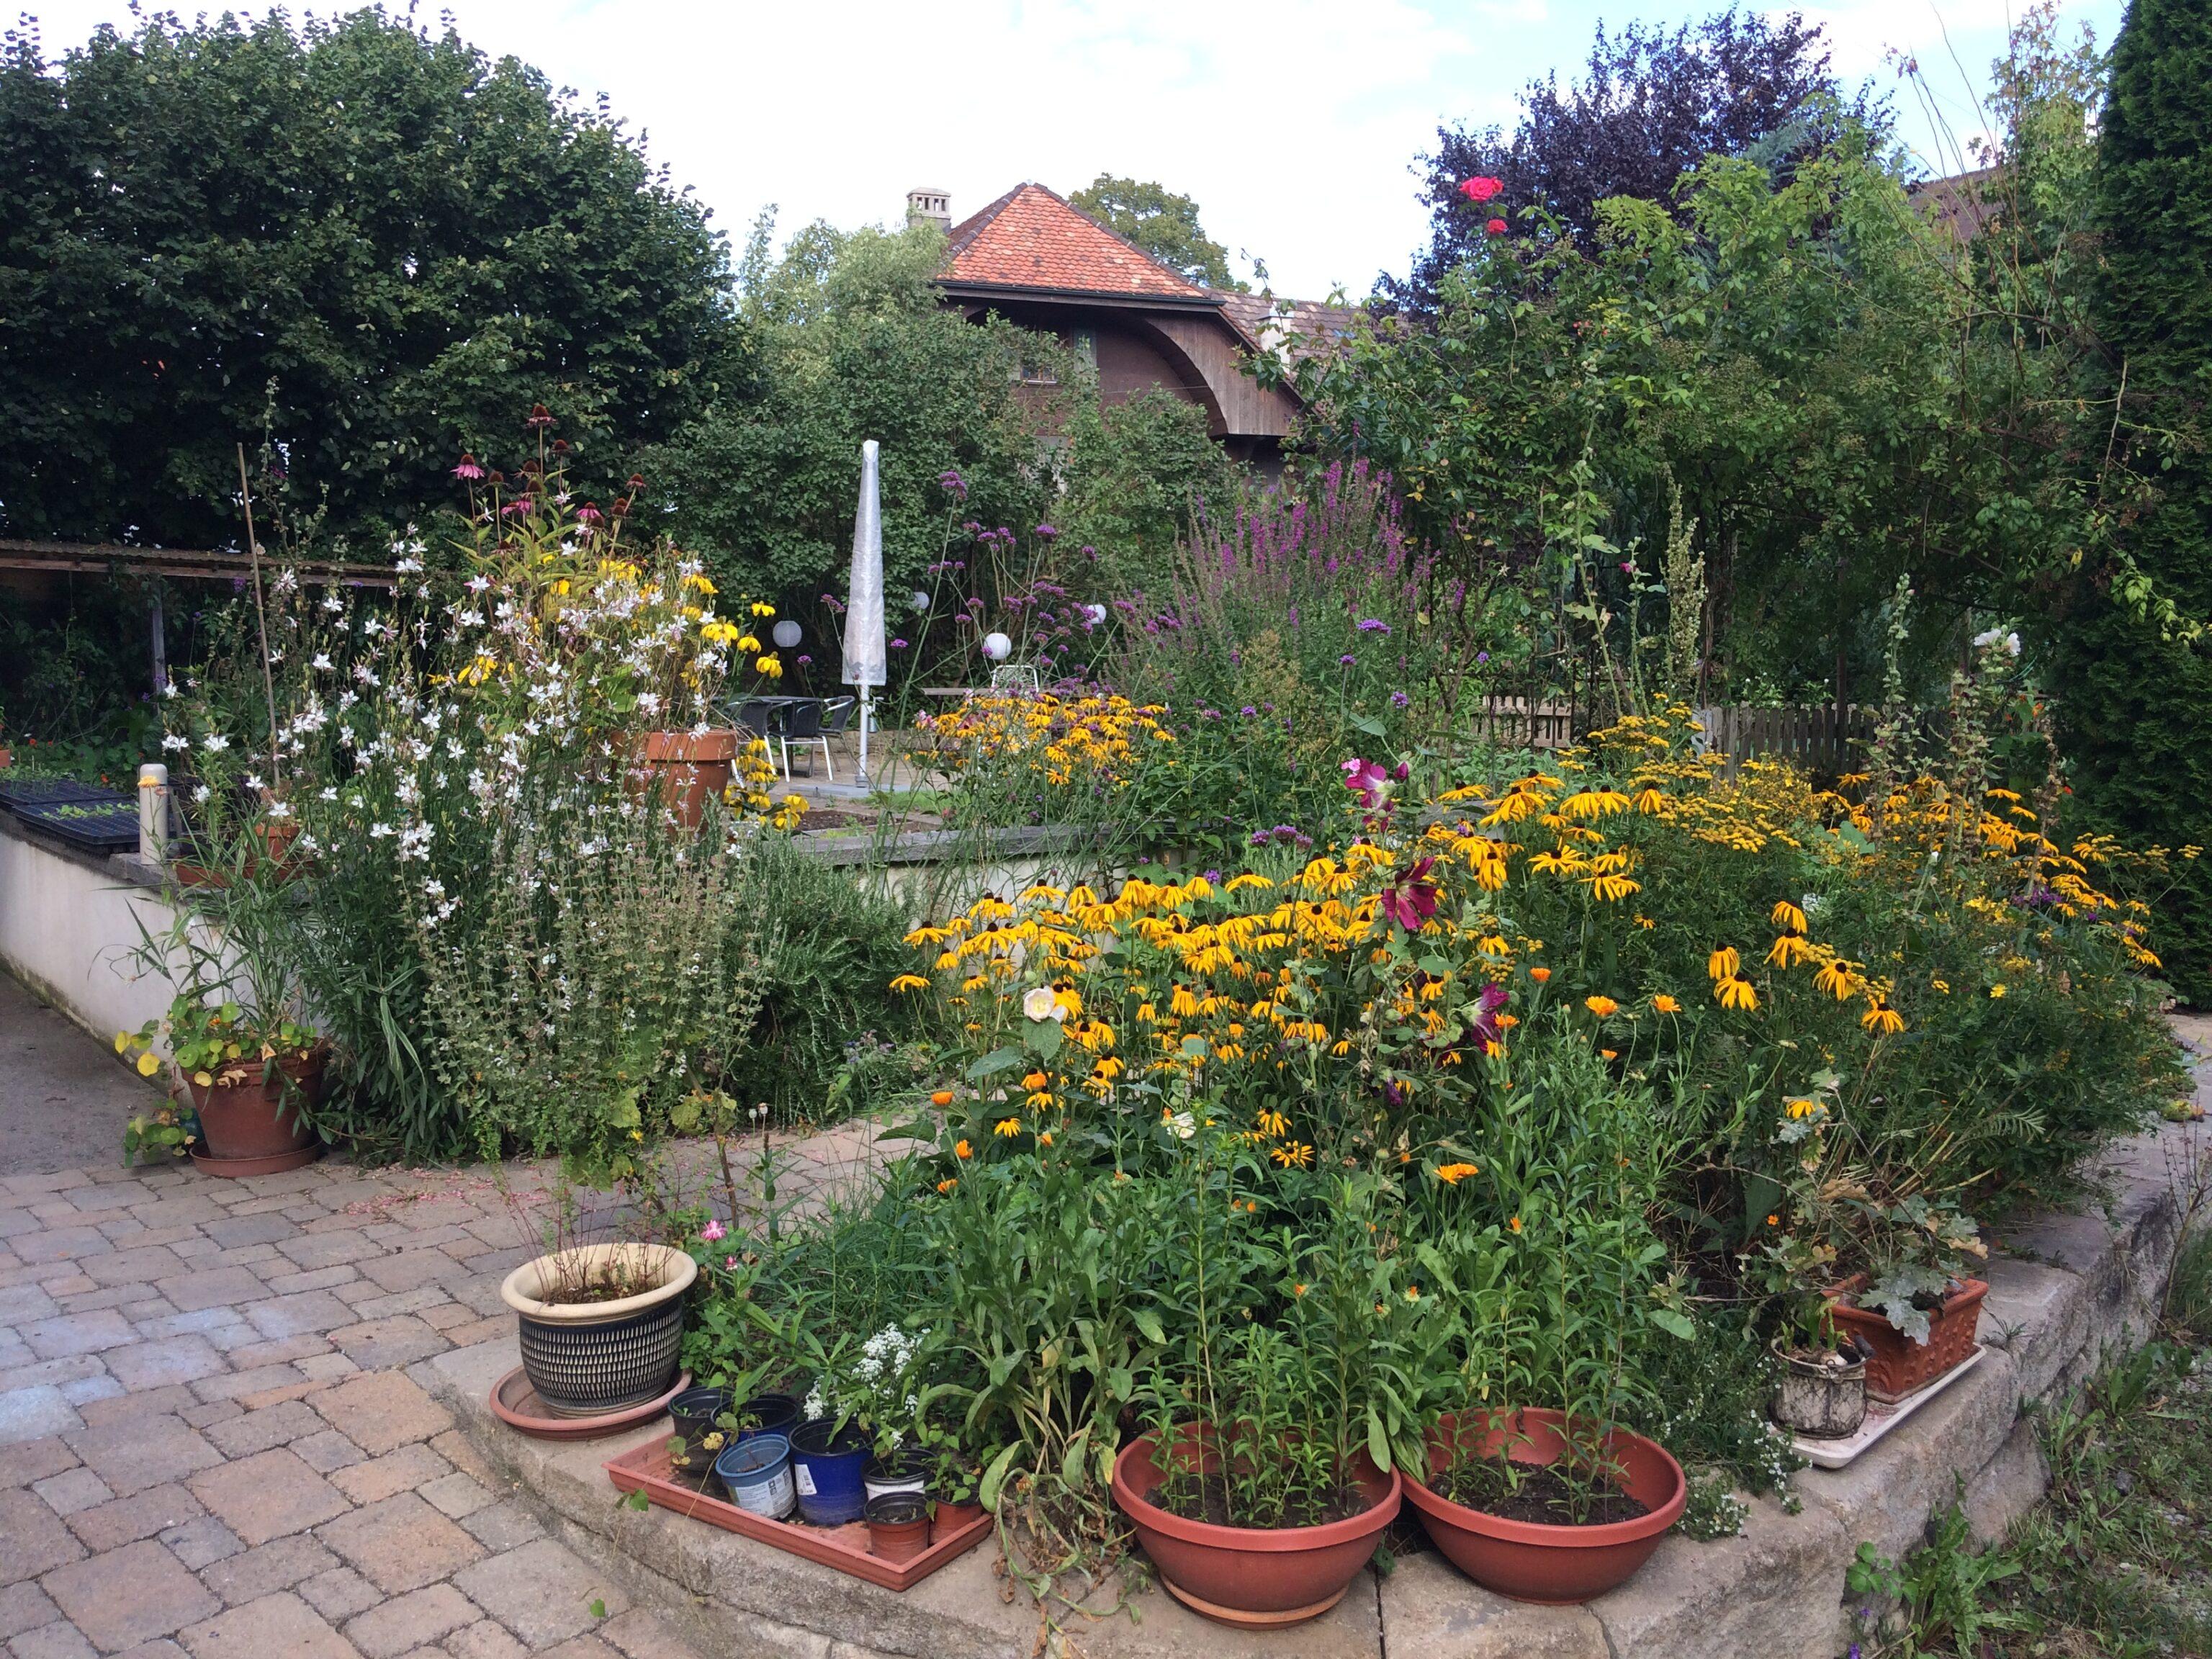 Unserhausprojekt in Urtenen-Schönbühl proben das alternative Wohnen